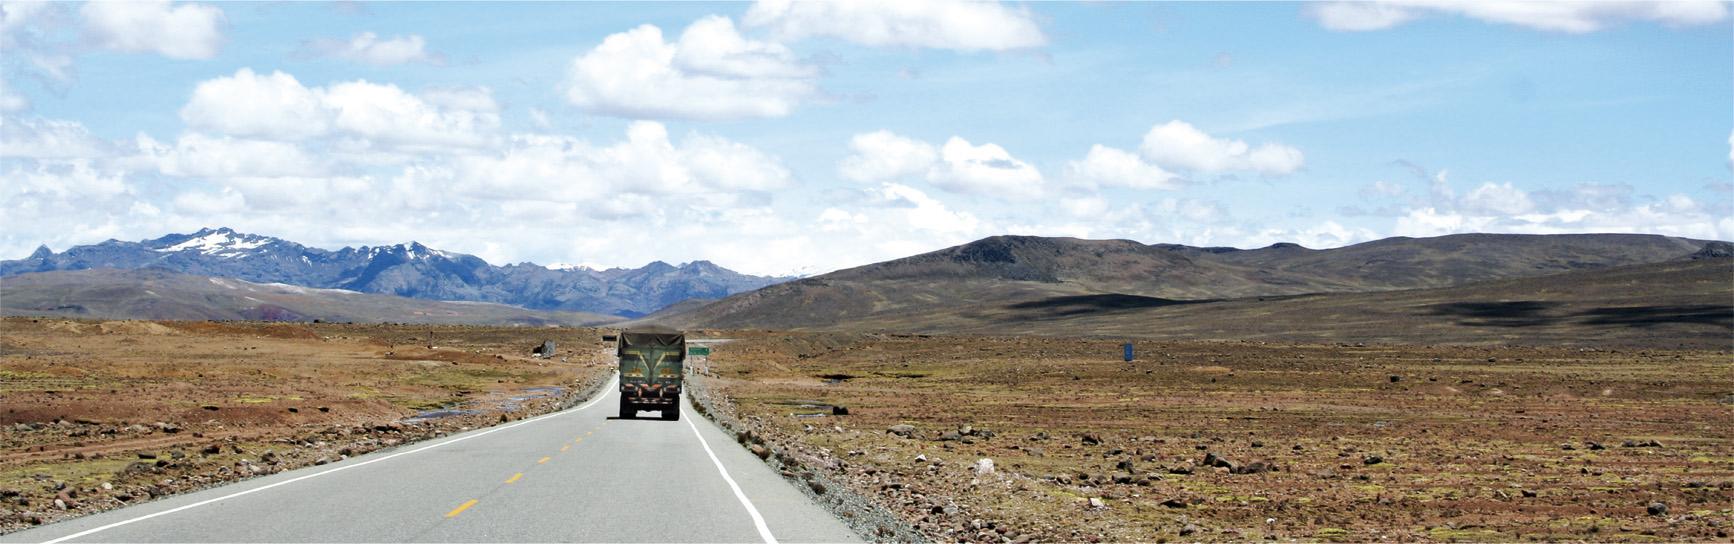 Weite Landschaft mit Stra§e und LKW in SŸdamerika